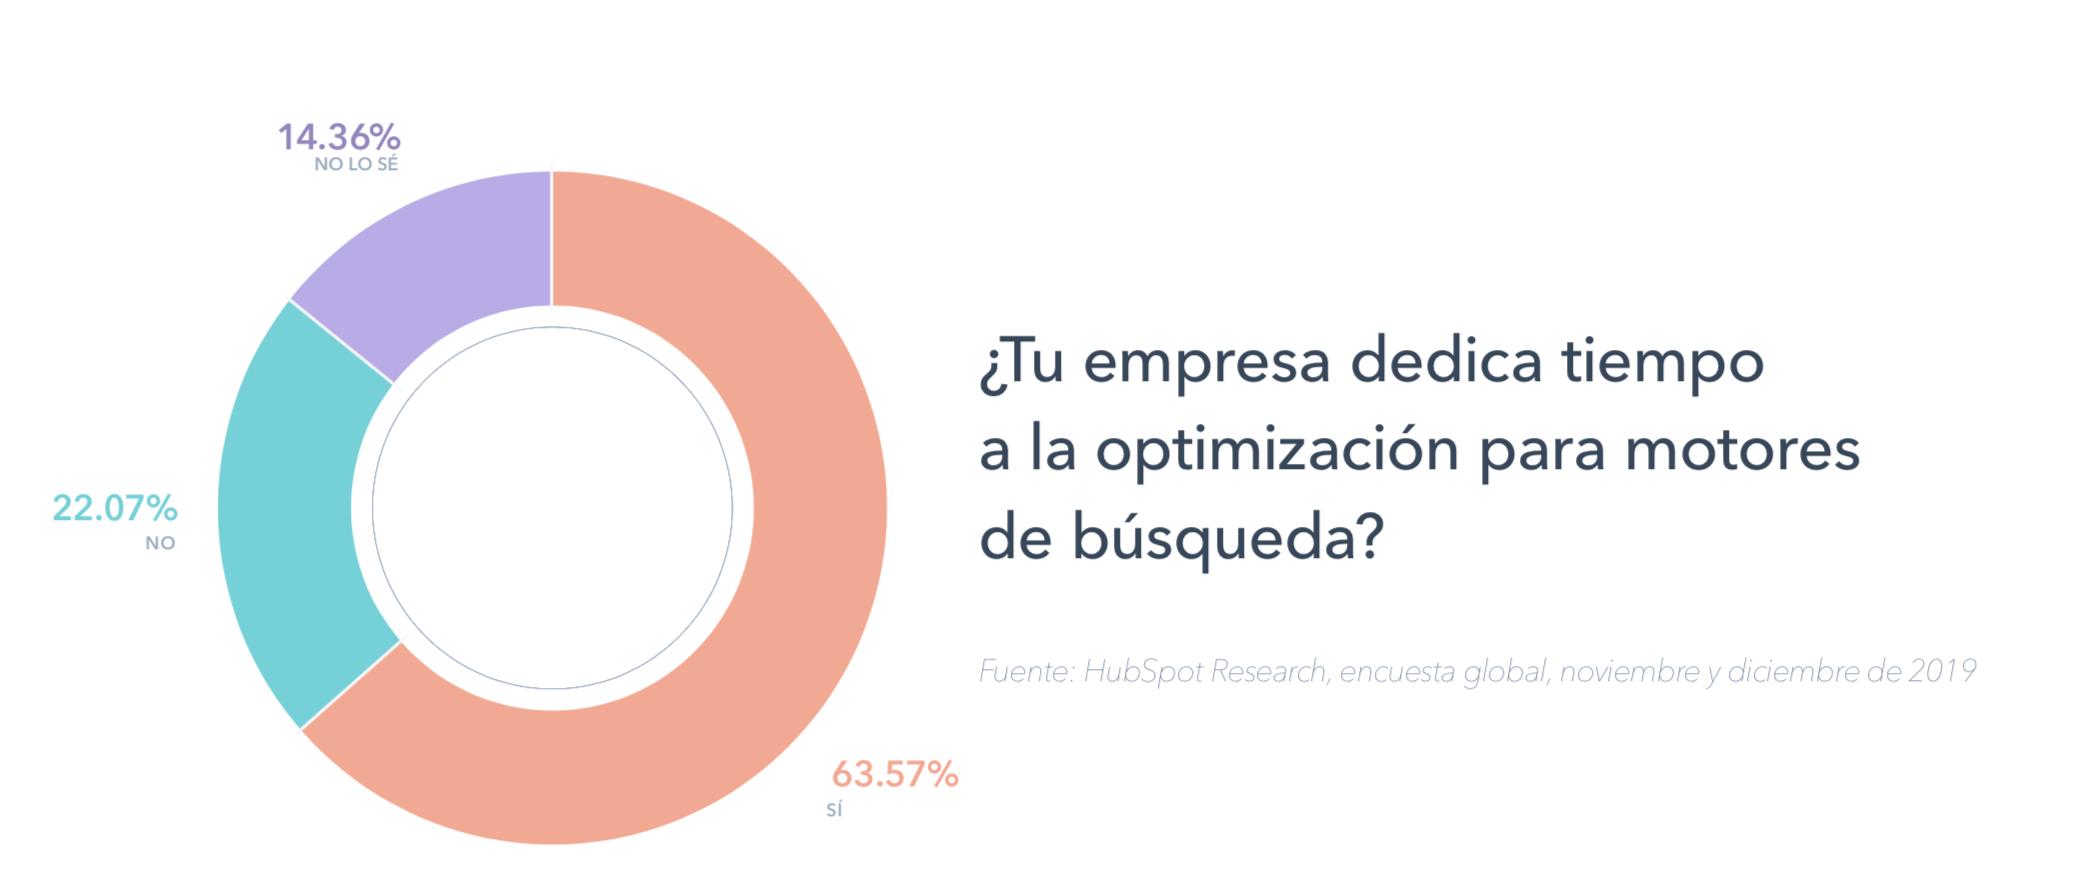 Optimización para motores de búsqueda en empresas